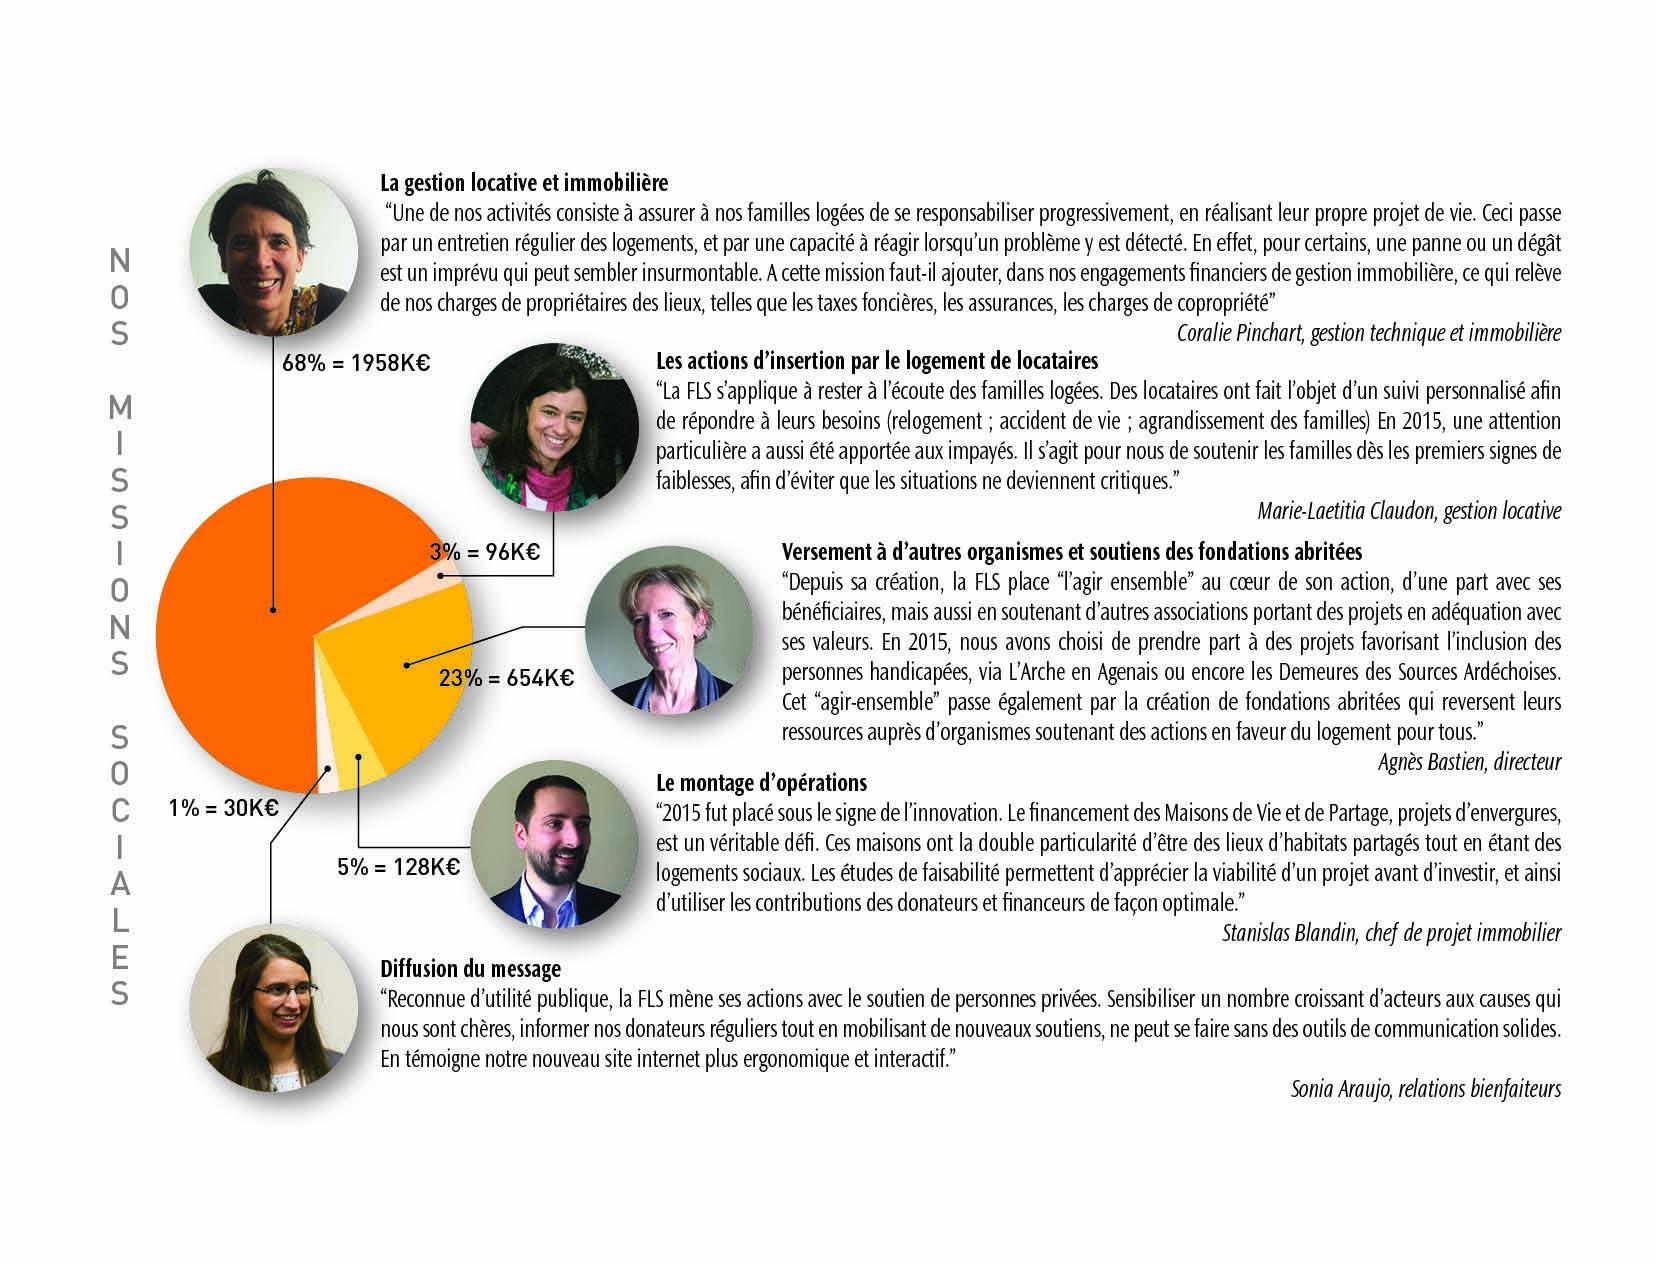 Missions sociales-FLS2015